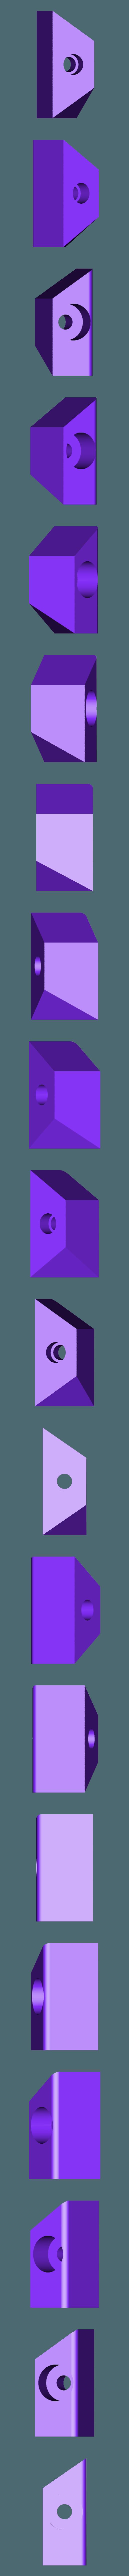 ZLimit_Screw_v1-1.STL Télécharger fichier STL gratuit Vis Z-Limit RigidBot • Objet pour impression 3D, WalterHsiao